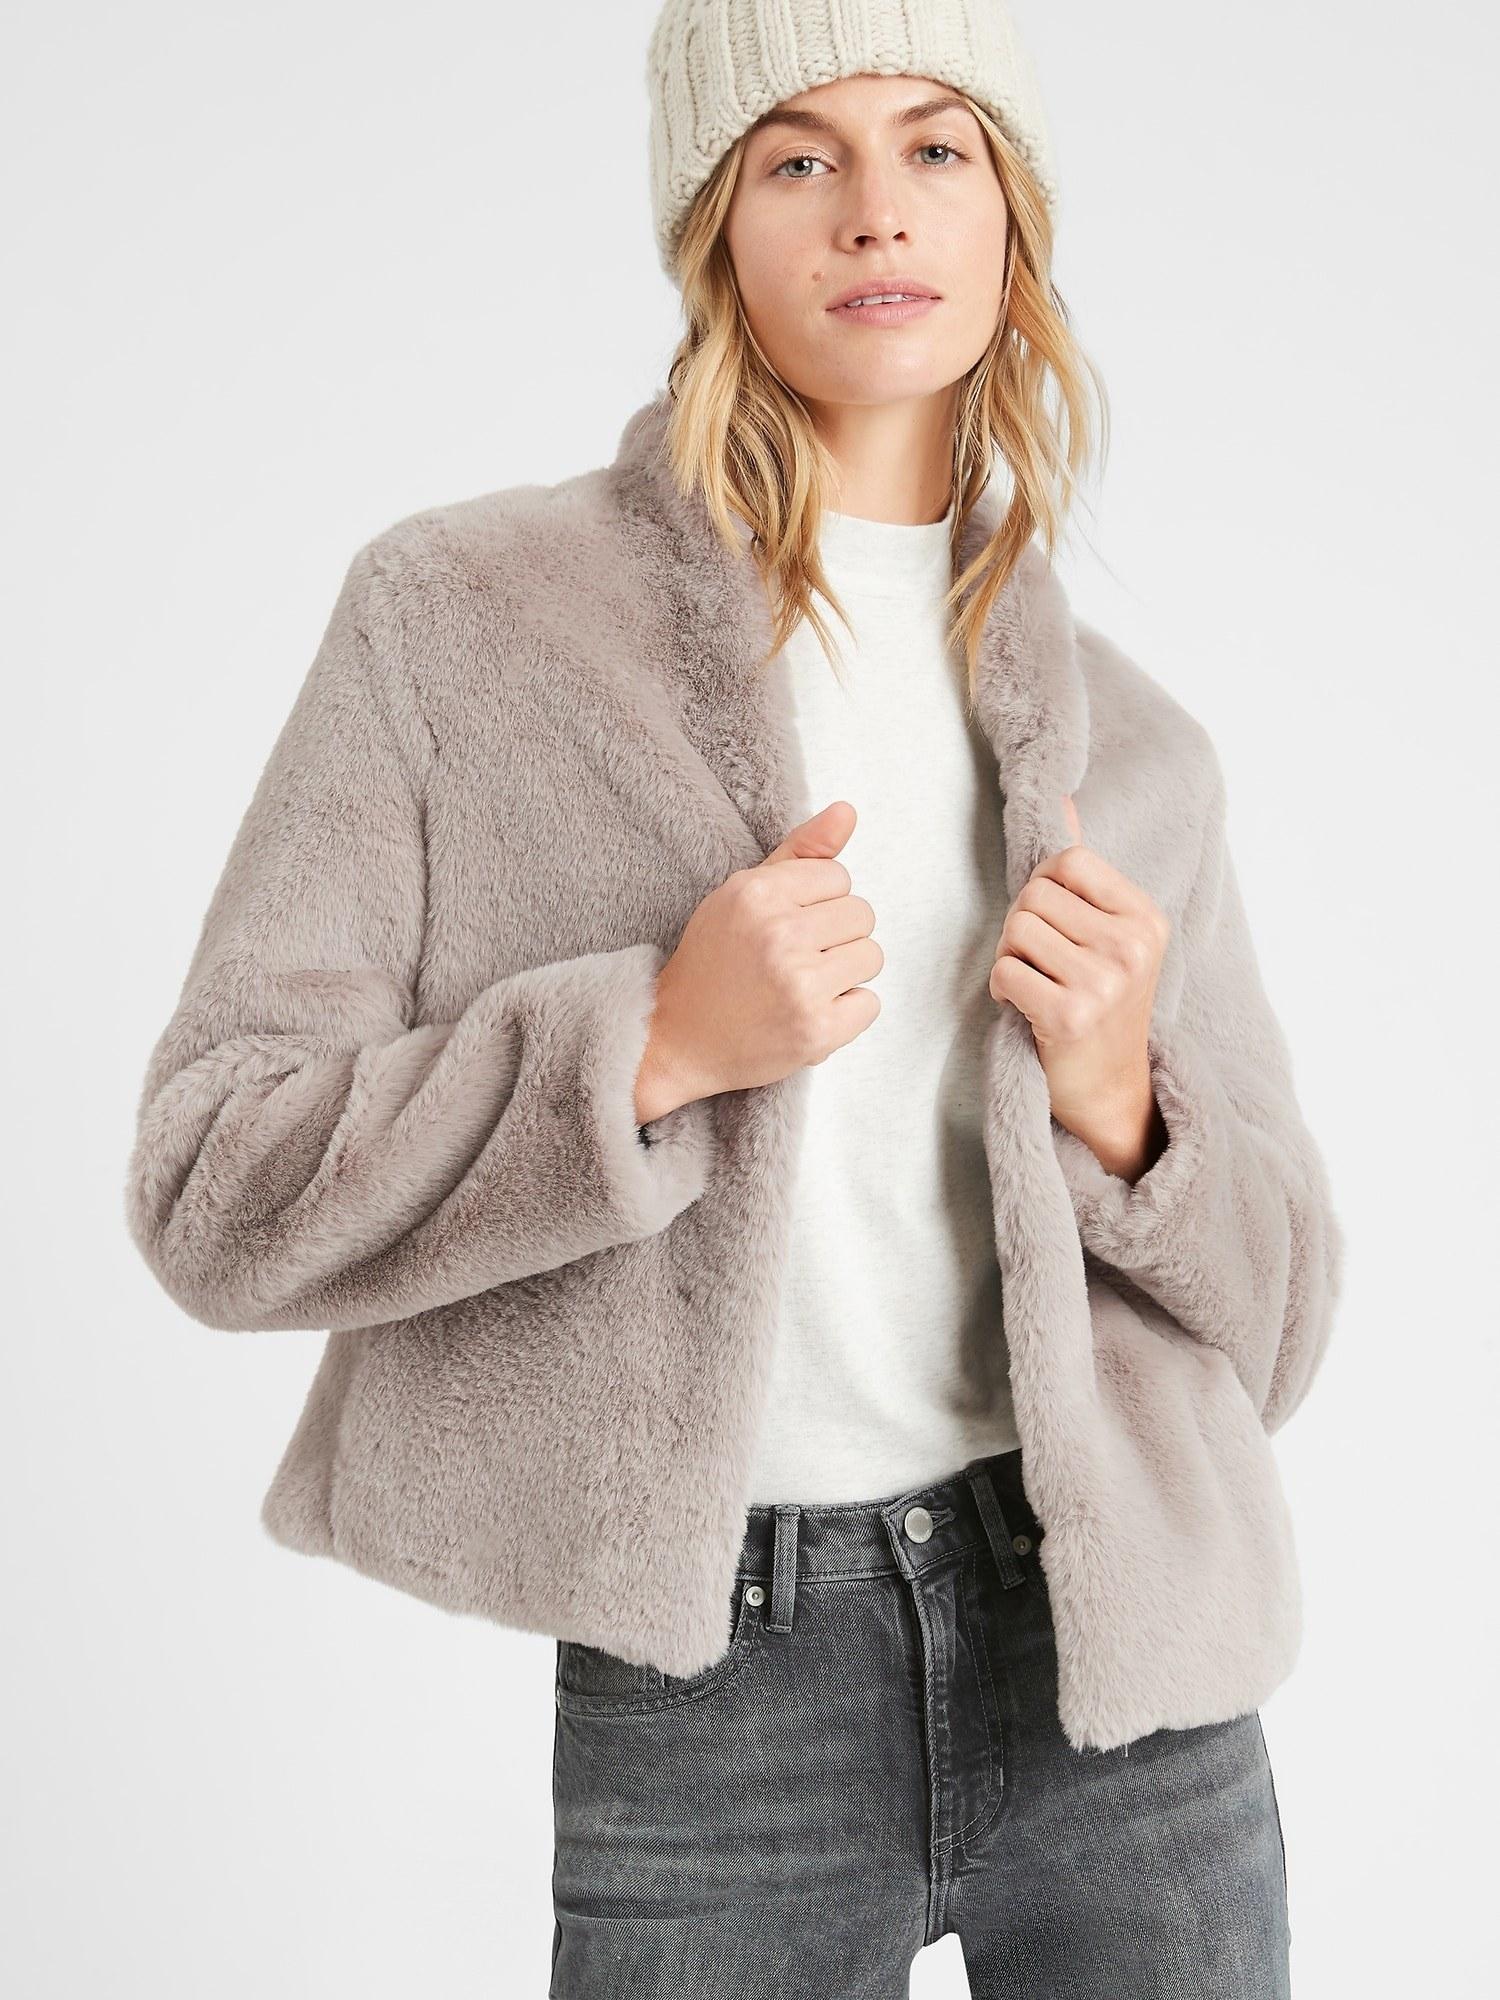 model wearing faux fur jacket